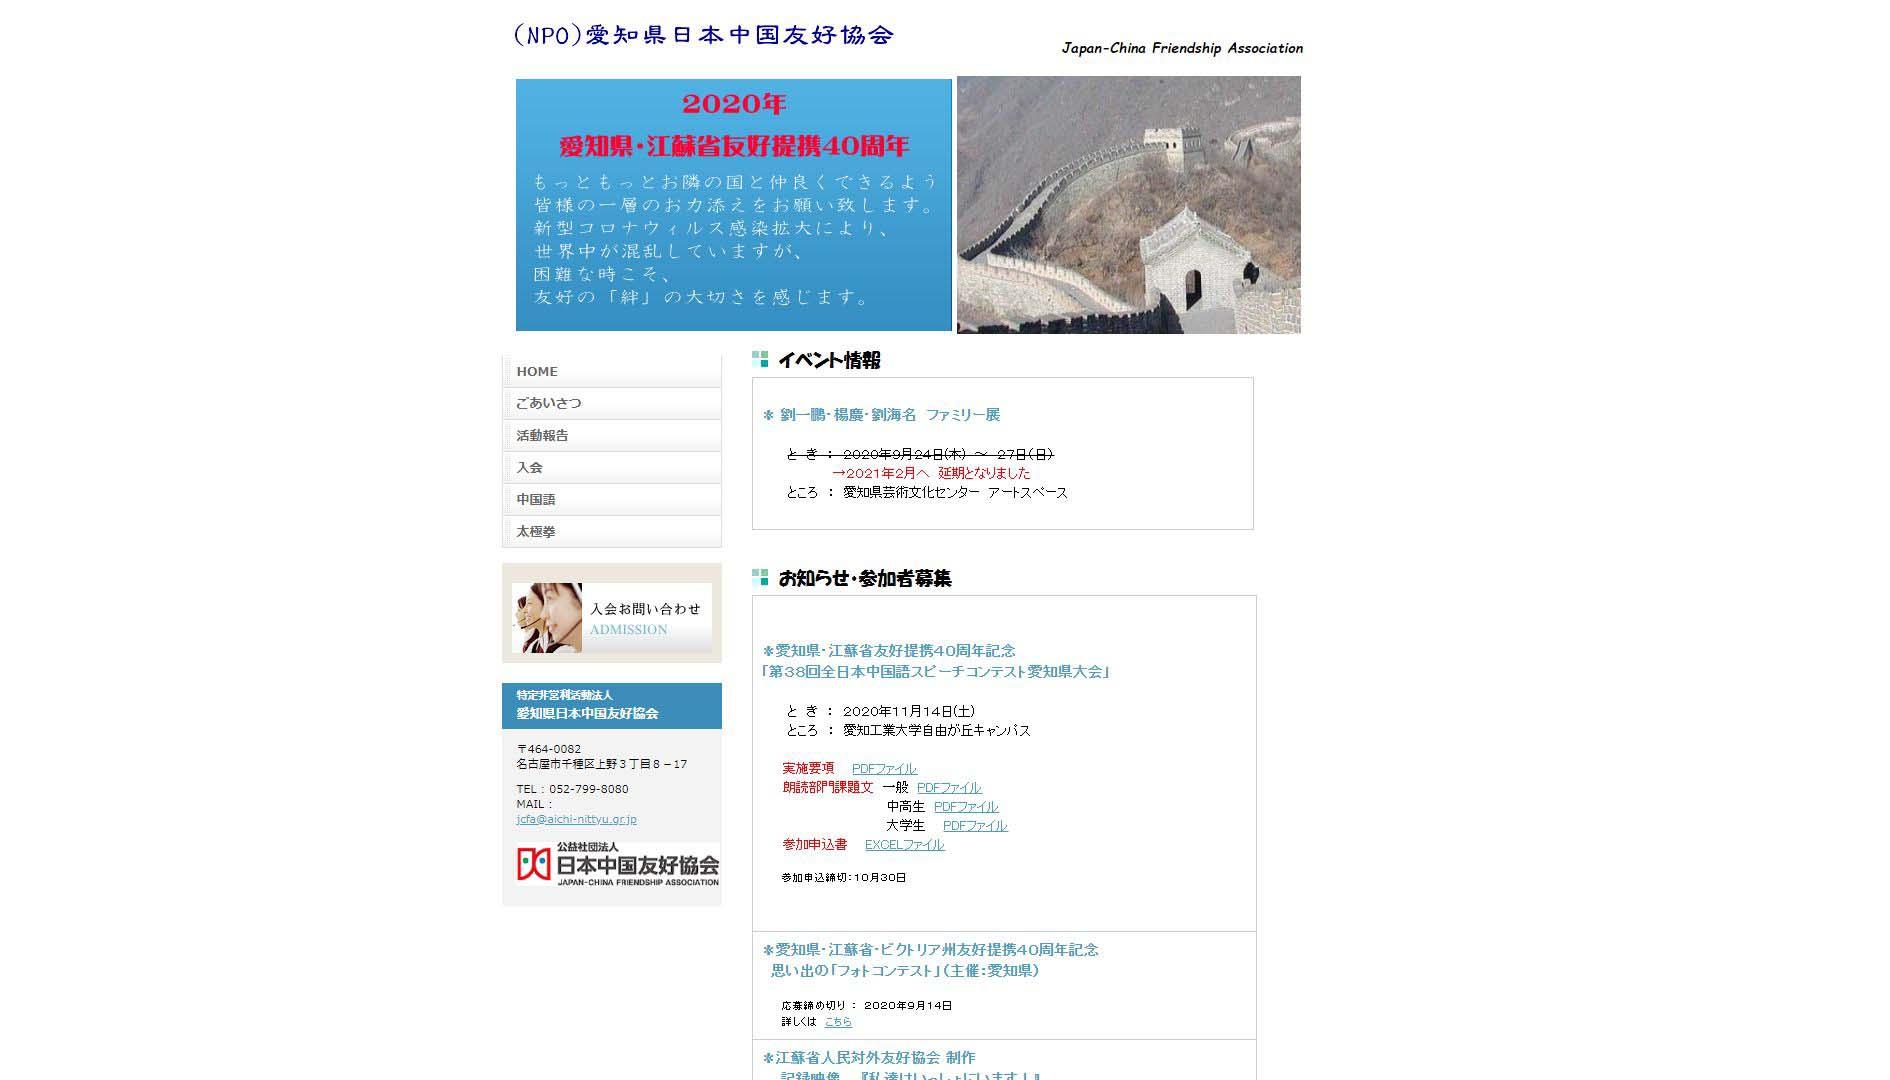 愛知県日中友好協会